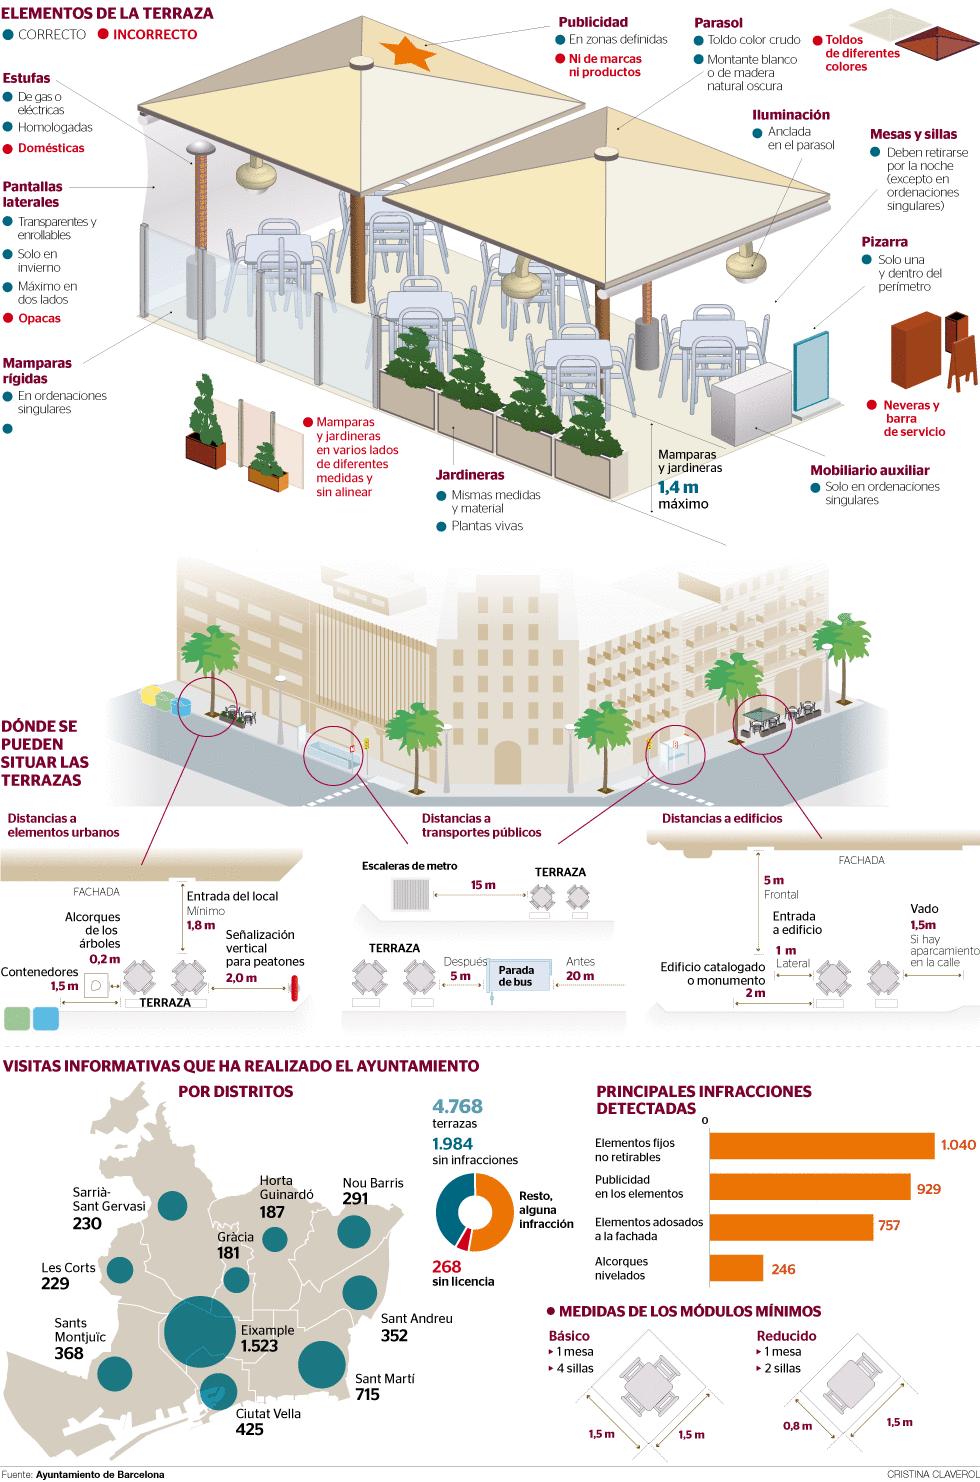 Implantación De La Ordenanza De Terrazas En Barcelona